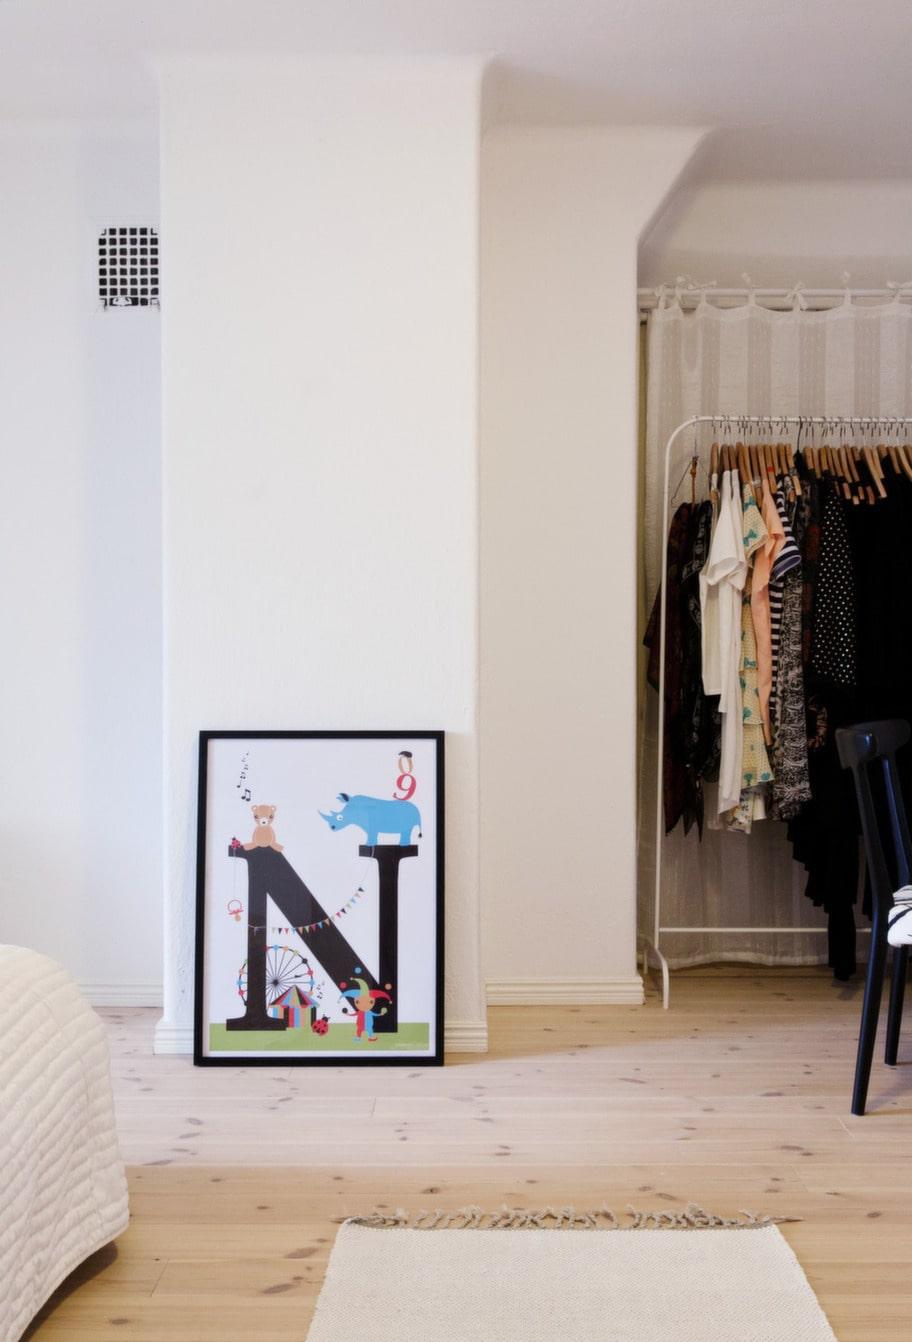 Johannas tavla. N-tavlan i sovrummet är designad av Johanna som illustrerar och säljer bokstavstavlor till barn - bokstavisar.